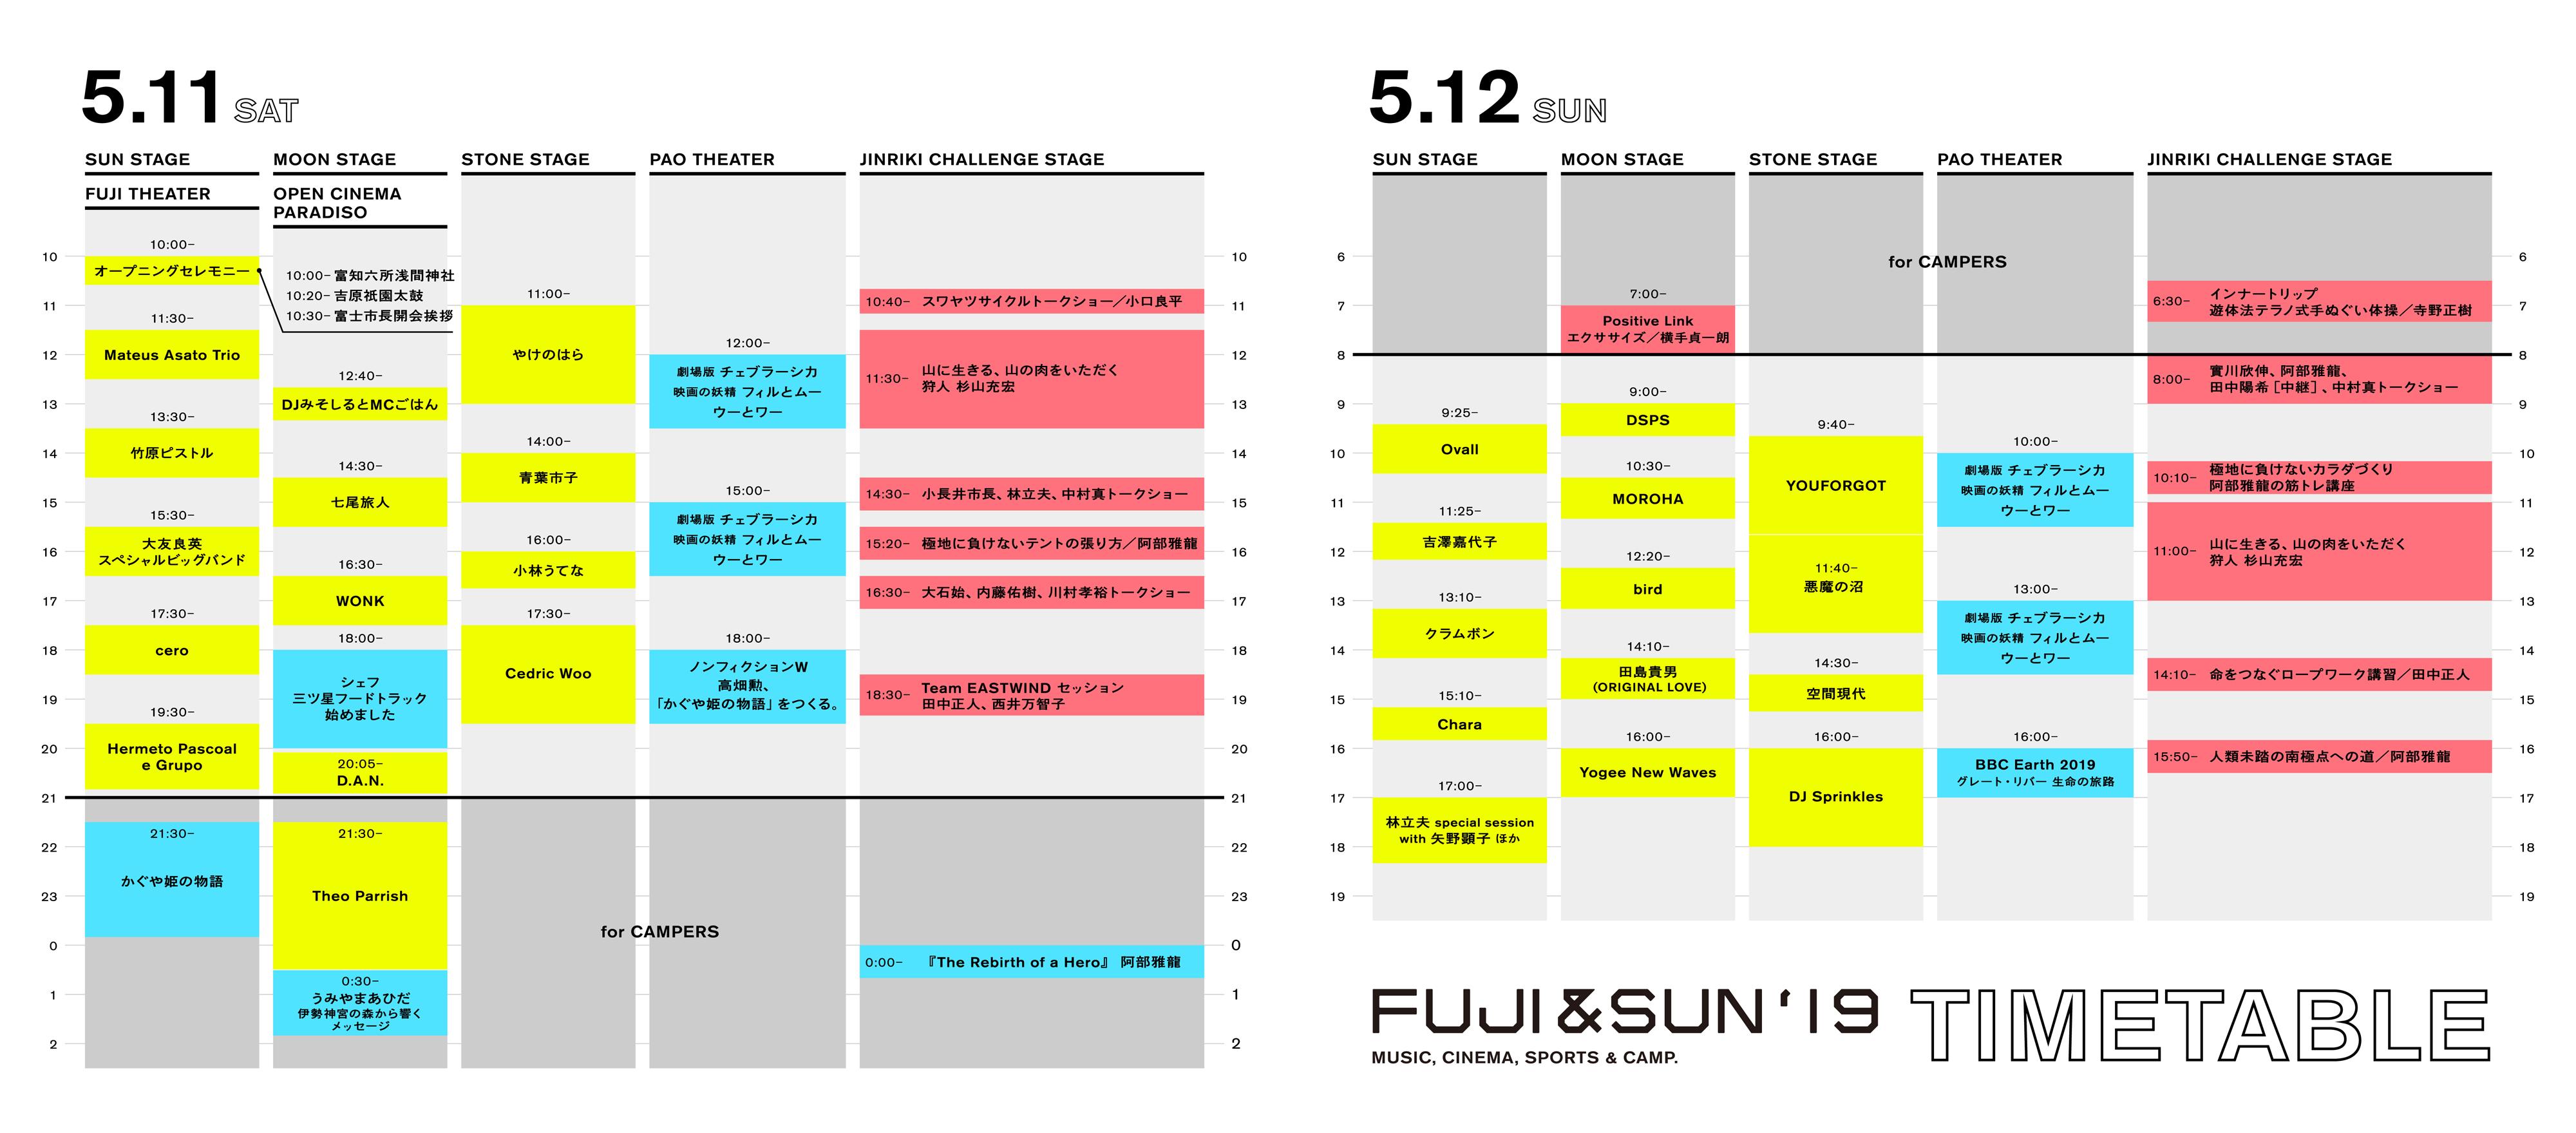 FUJI & SUN '19』タイムテーブル